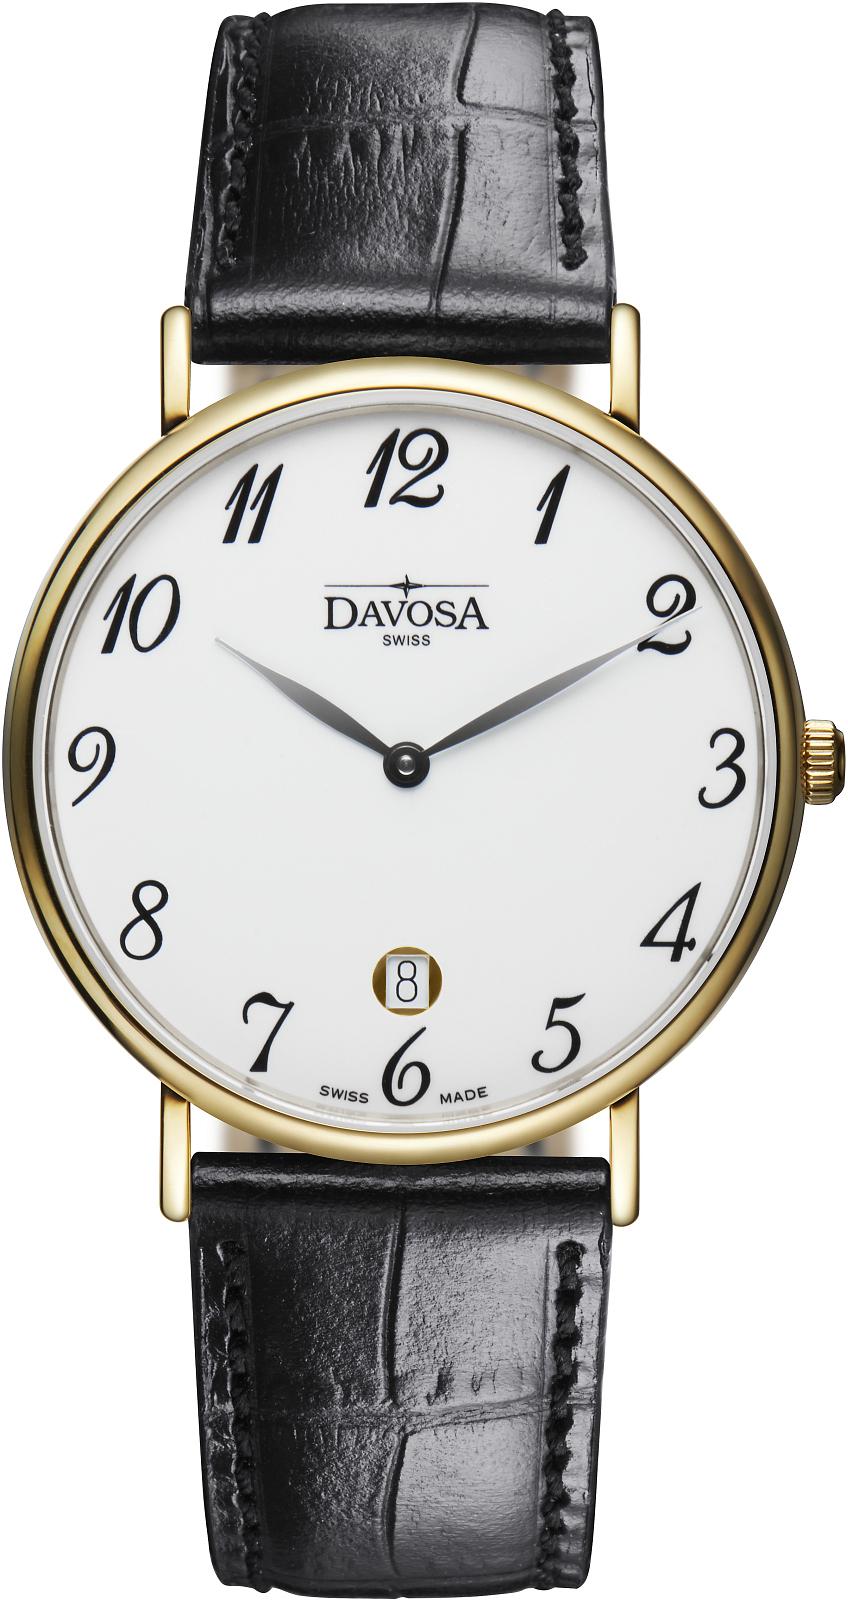 zegarek-meski-davosa-pianos-ii-162-486-26-2